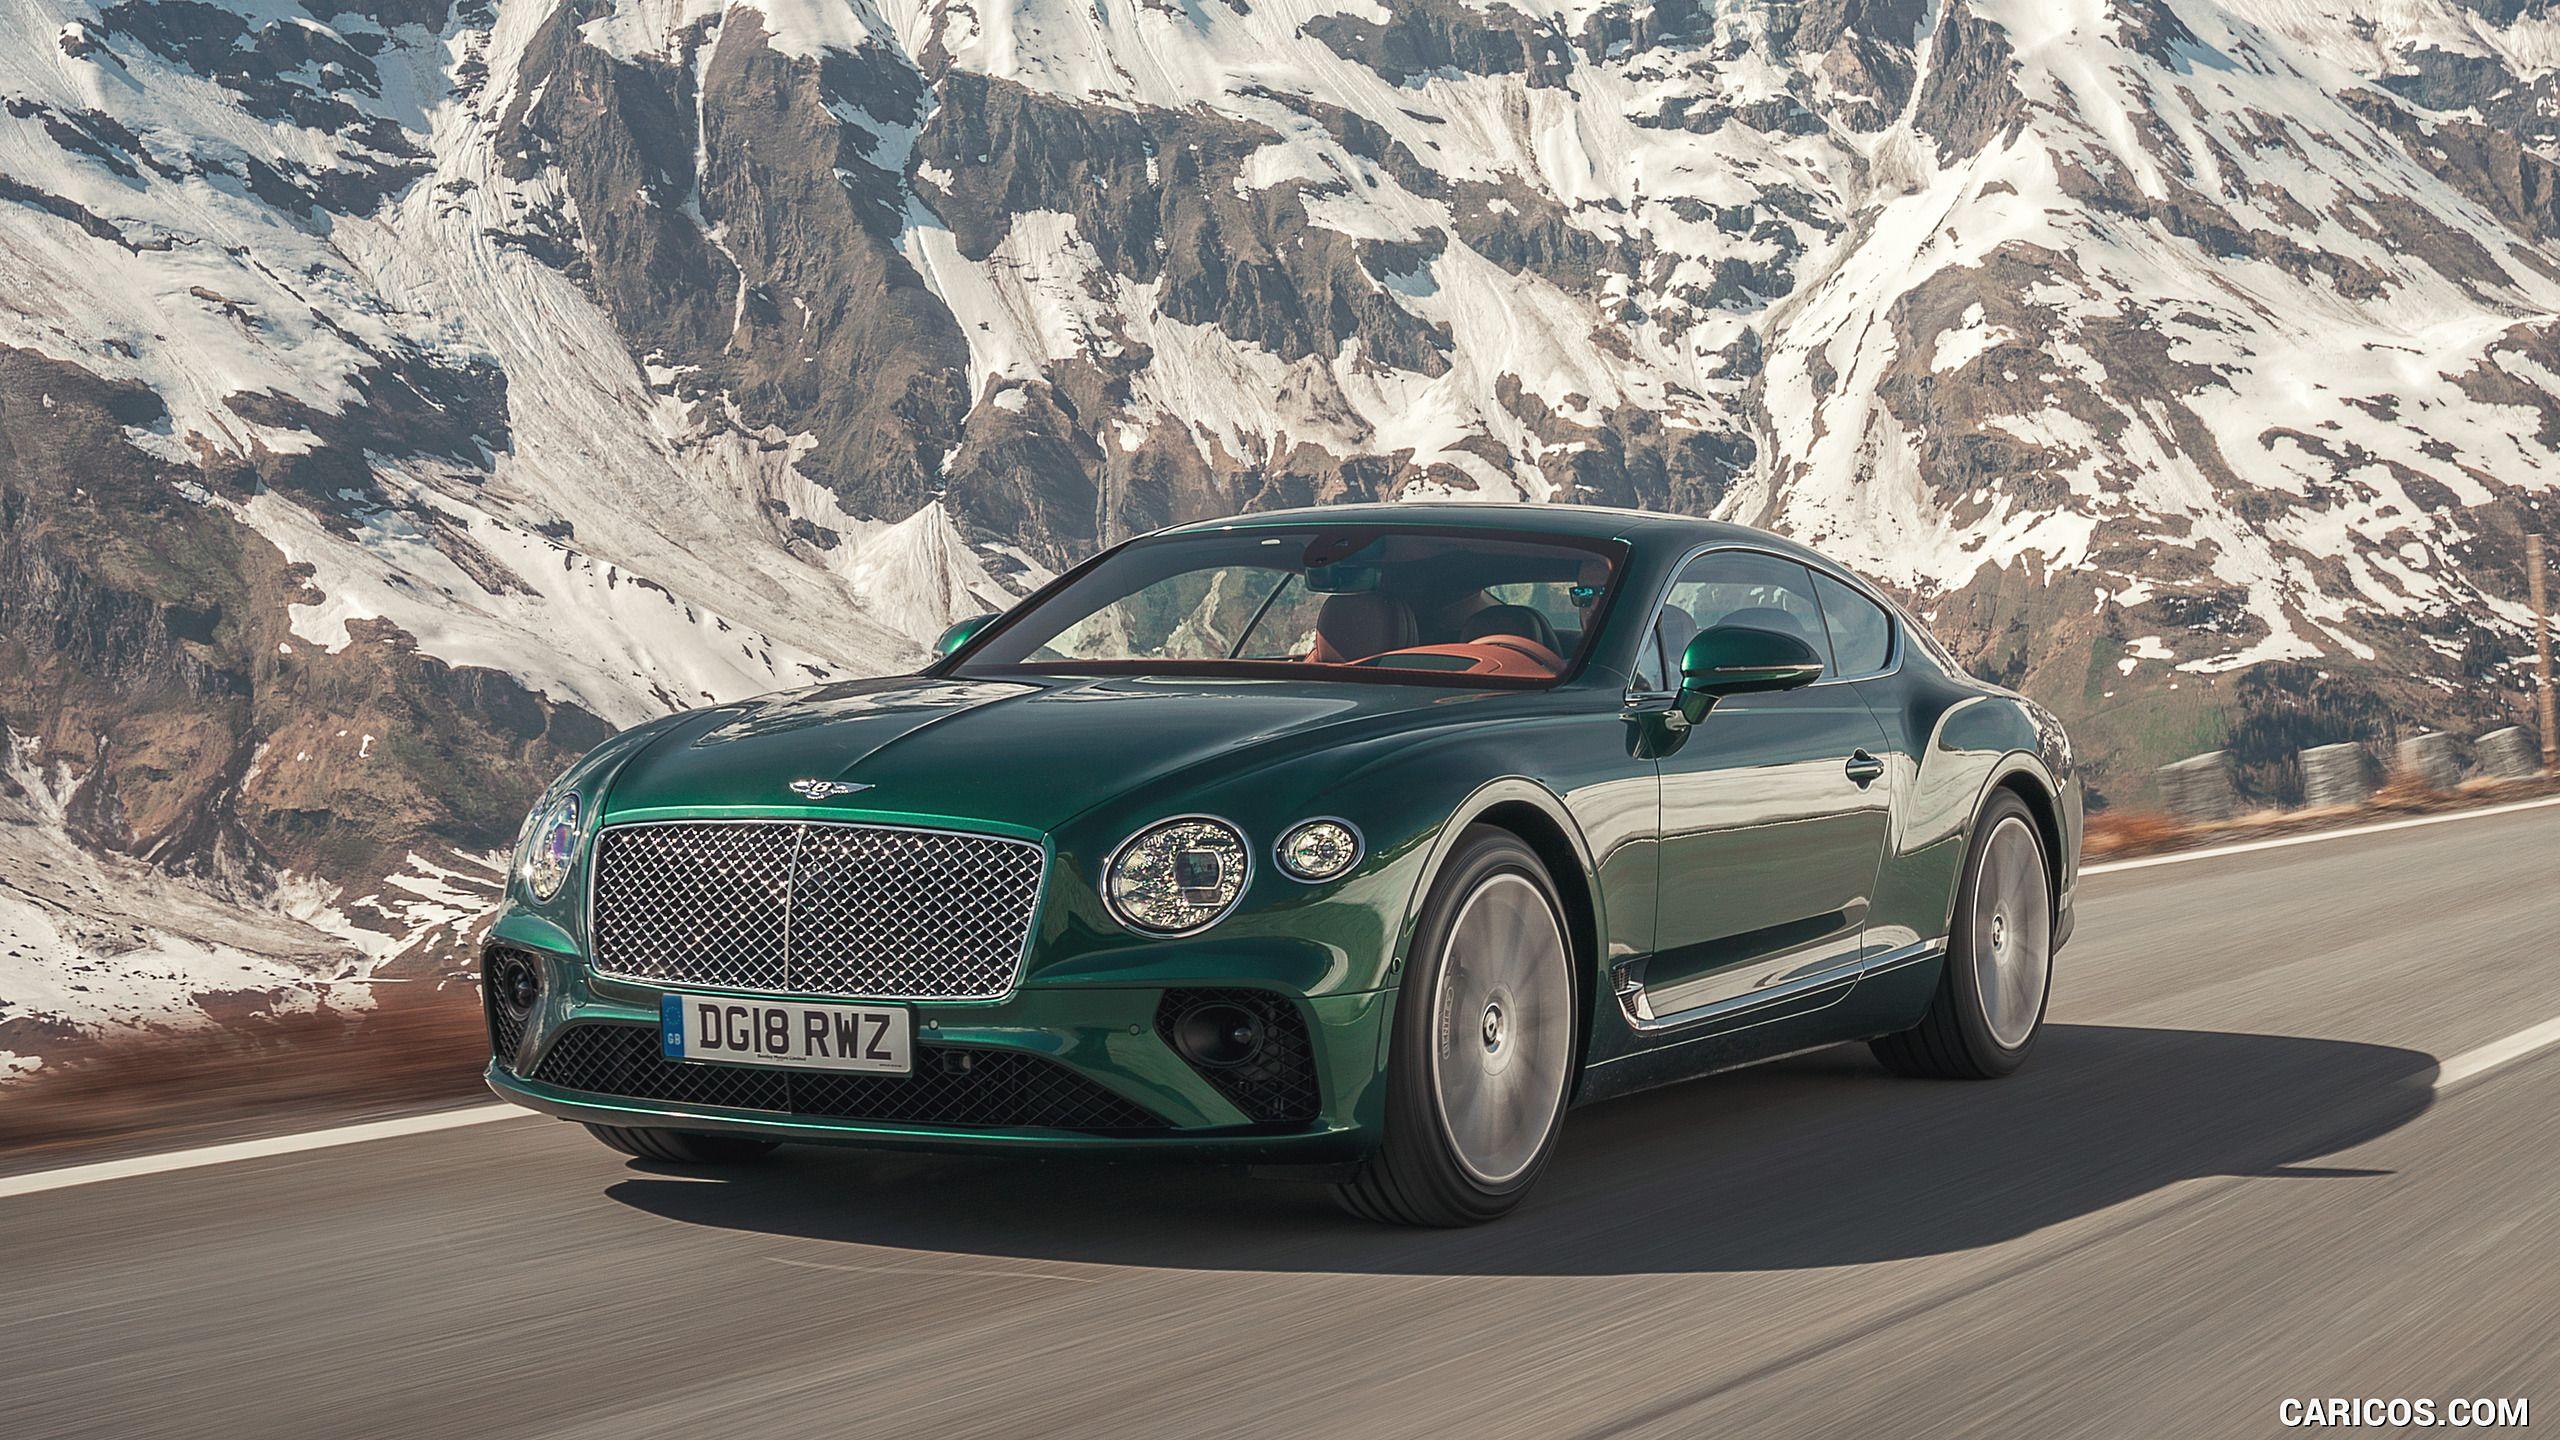 2018 Bentley Continental Gt Wallpaper Bentley Continental Gt